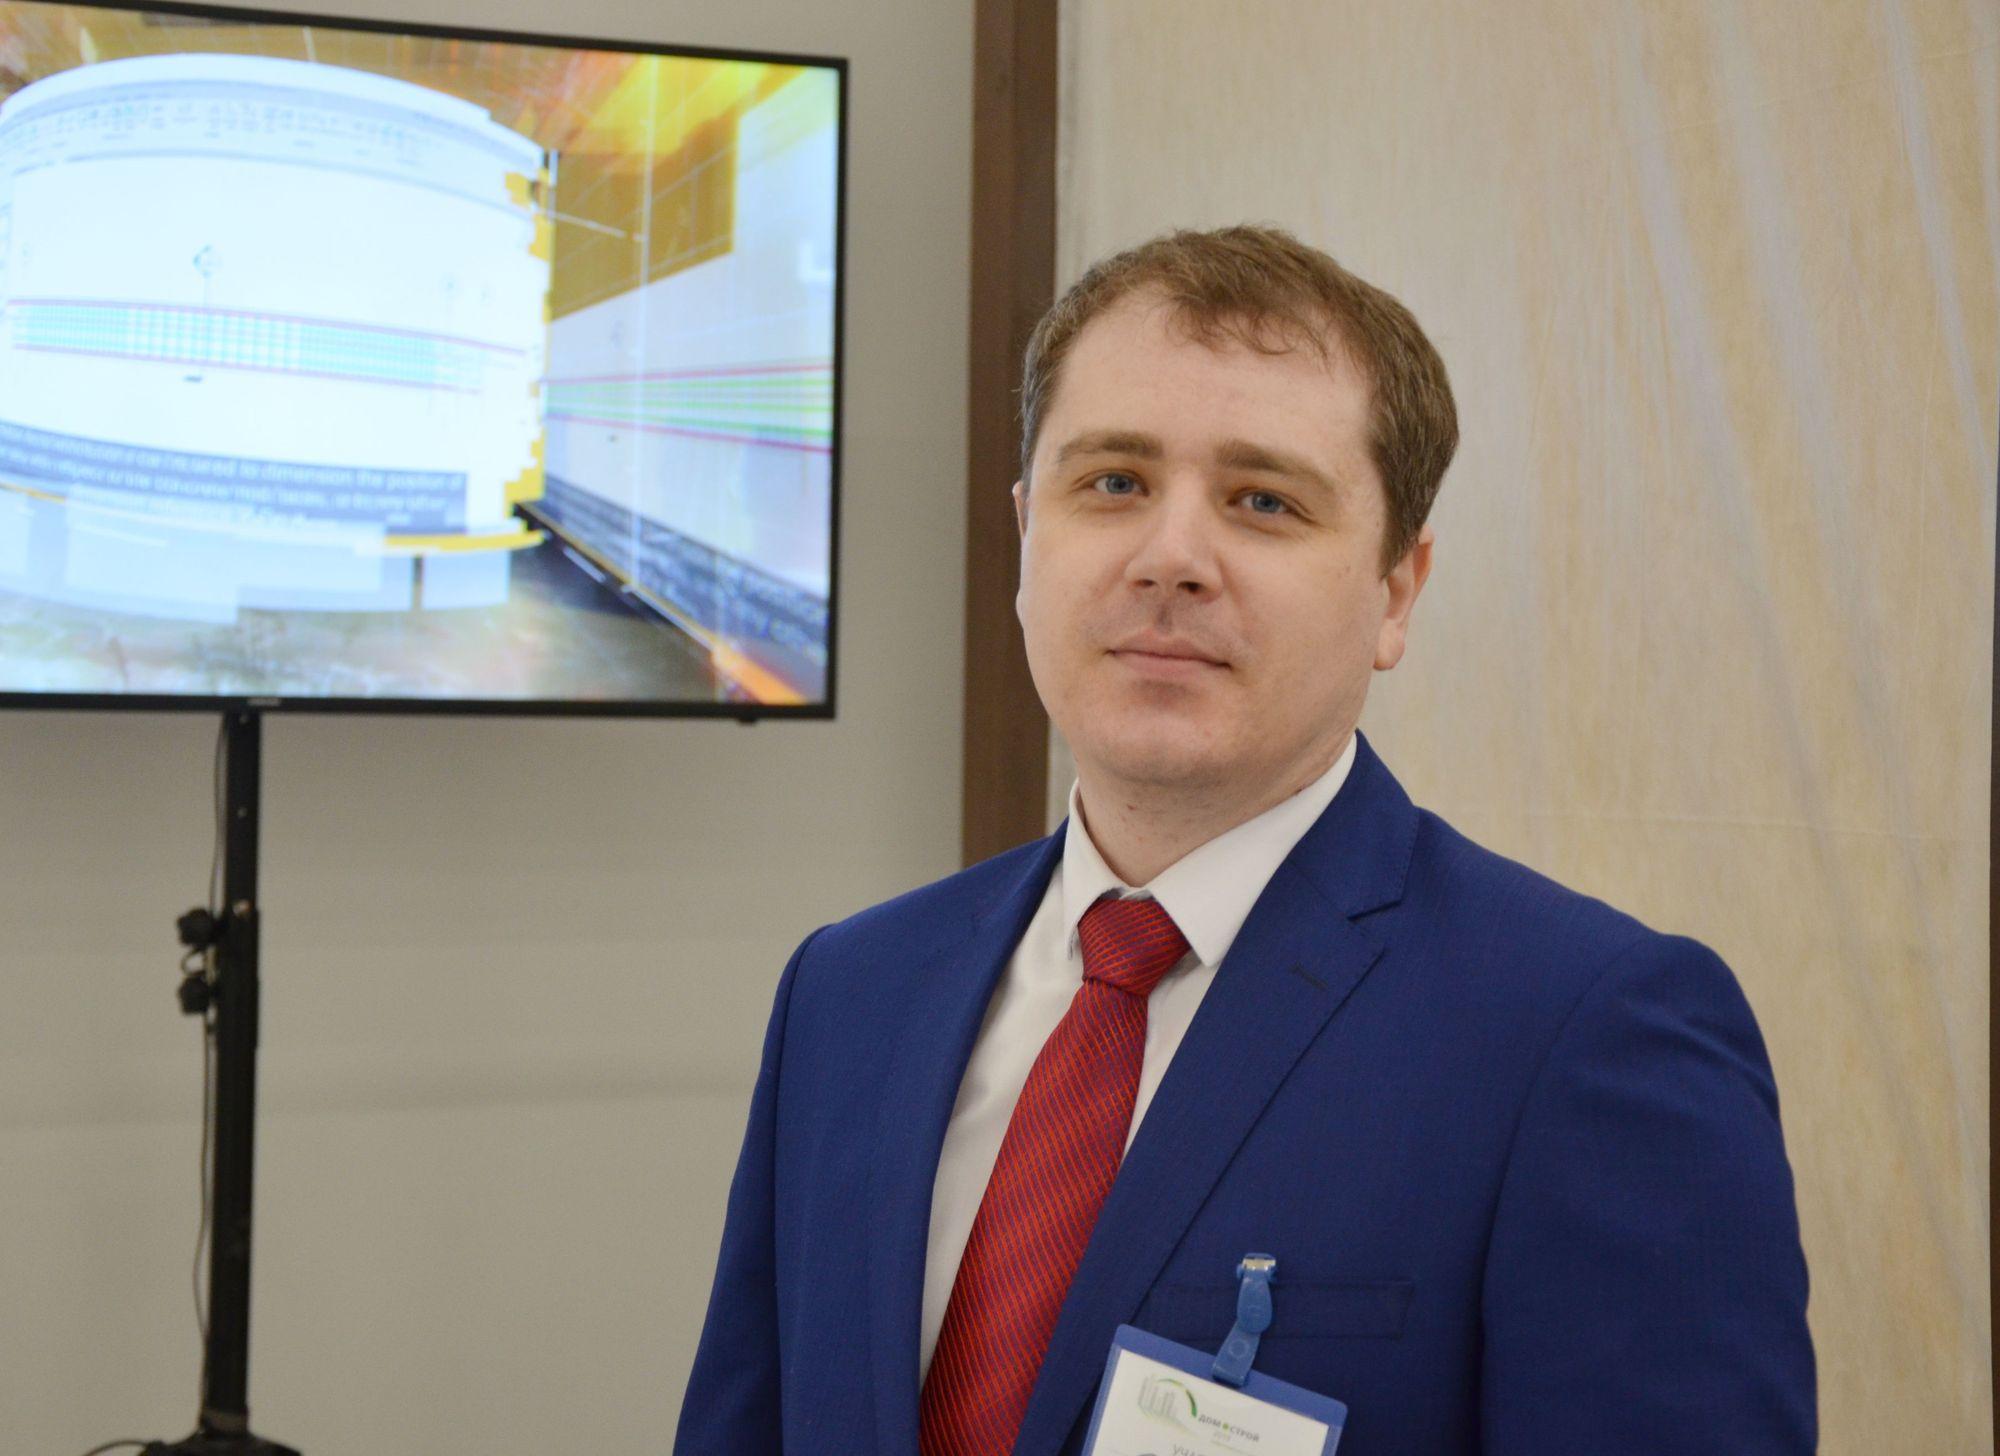 Форум «Домострой-2019» - технологии, призванные ускорить строительство  - фото 4